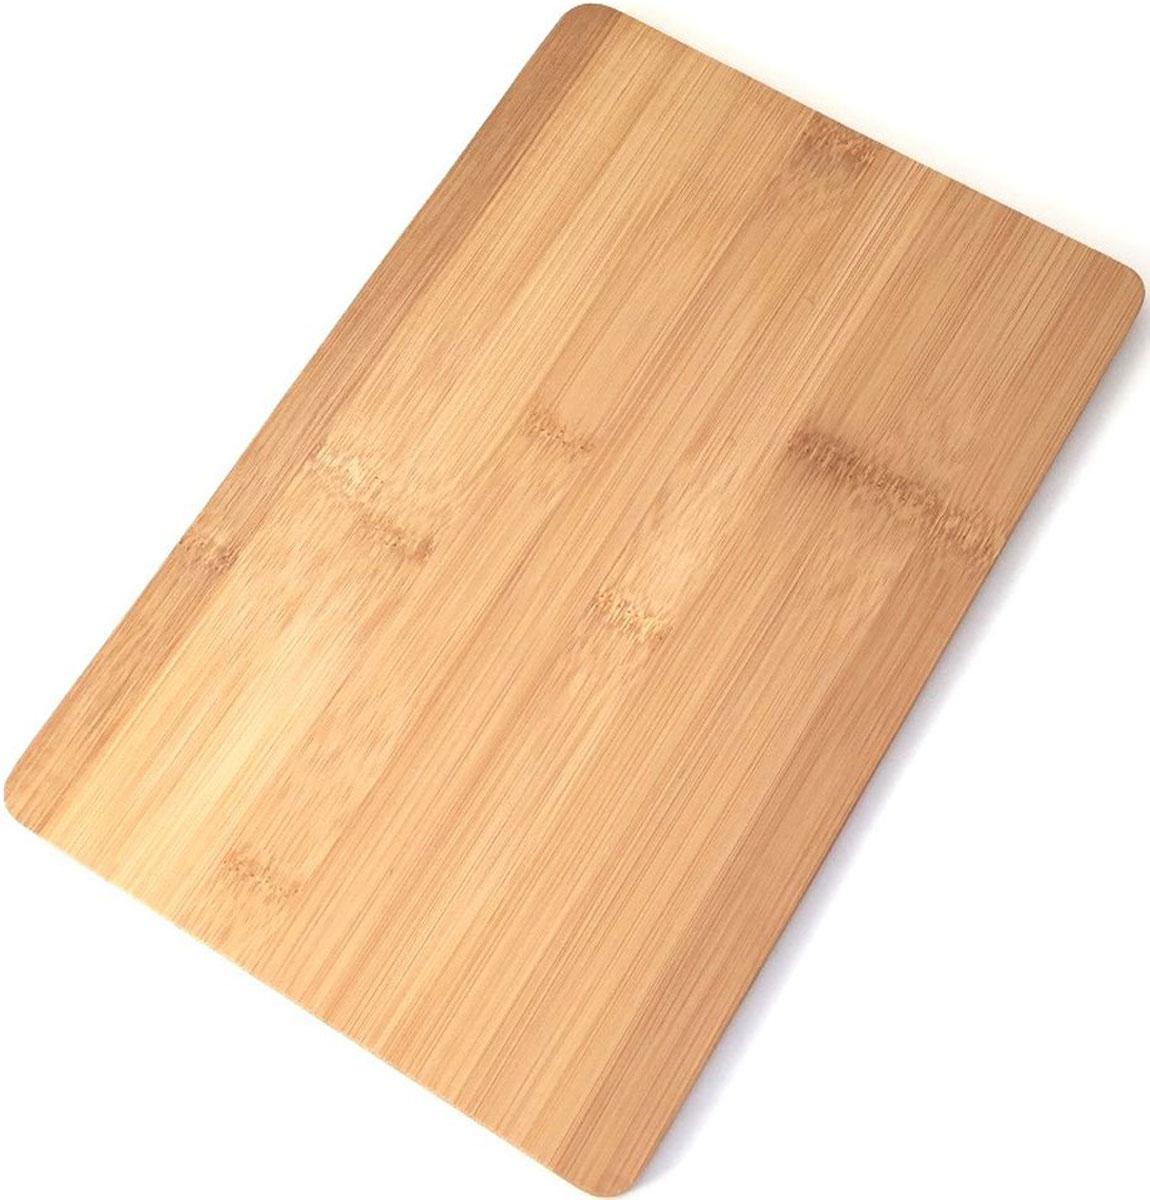 Доска разделочная Dommix, прямоугольная, 20 х 30 х 1 см. BNB950BNB950Доска разделочная Dommix выполнена из натурального дерева.Прекрасно подходит для приготовления и сервировки пищи. Особенности разделочной доски Dommix:высокое качество шлифовки поверхности изделий, двухслойное покрытие пищевым лаком, безопасным для здоровья человека, степень влажности 8-10%, не трескается и не рассыхается, высокая плотность структуры древесины,устойчива к механическим воздействиям,не предназначена для мытья в посудомоечной машине.